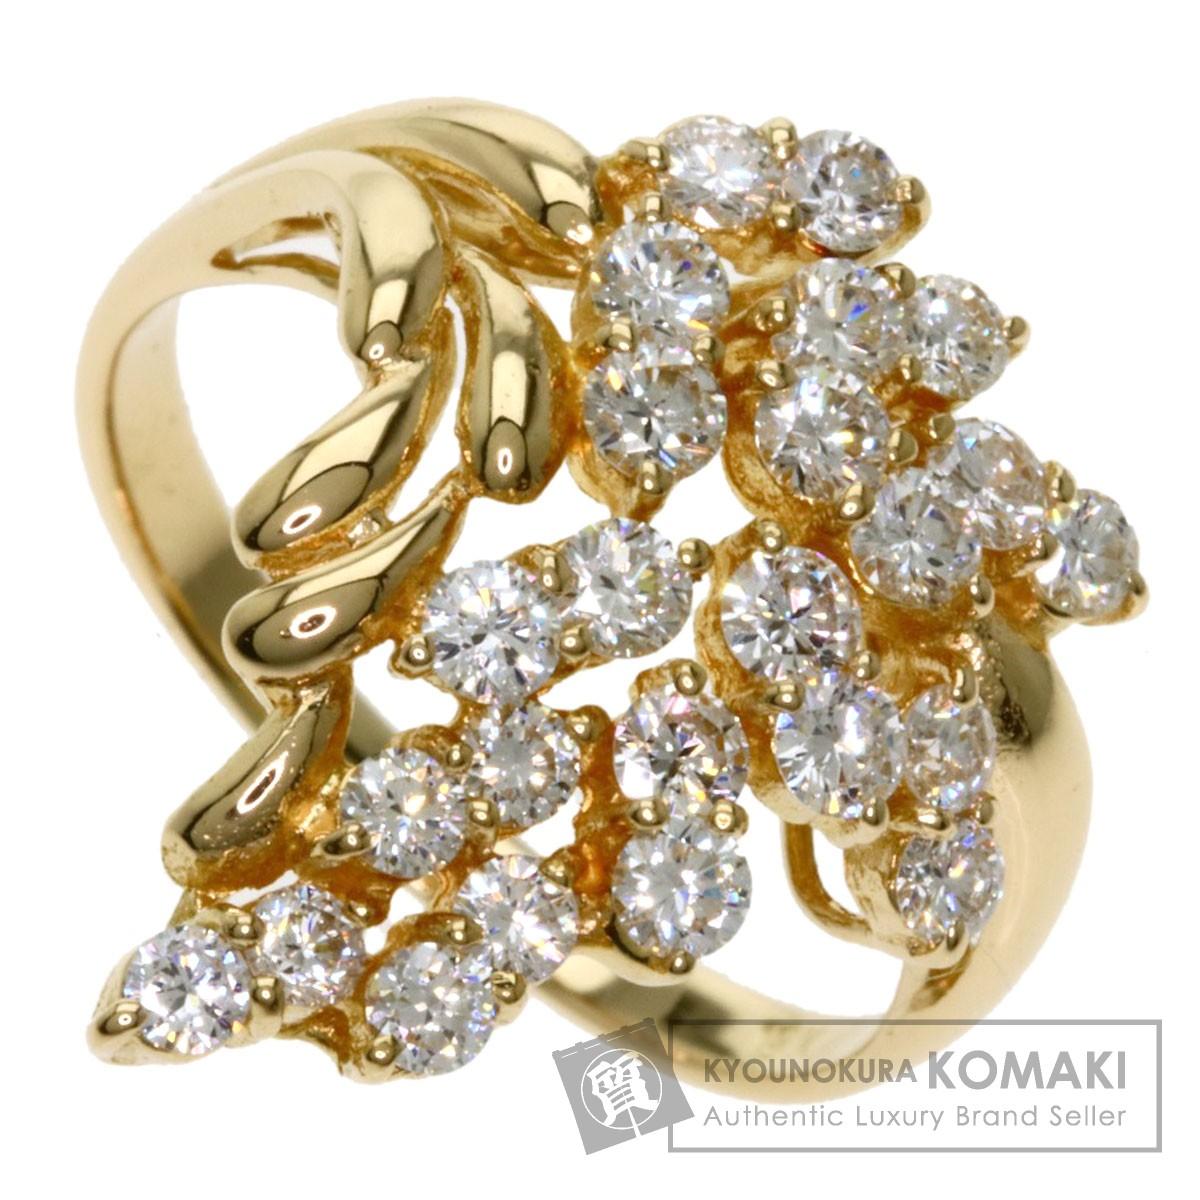 ダイヤモンド リング・指輪 18K 4.5g レディース 【中古】